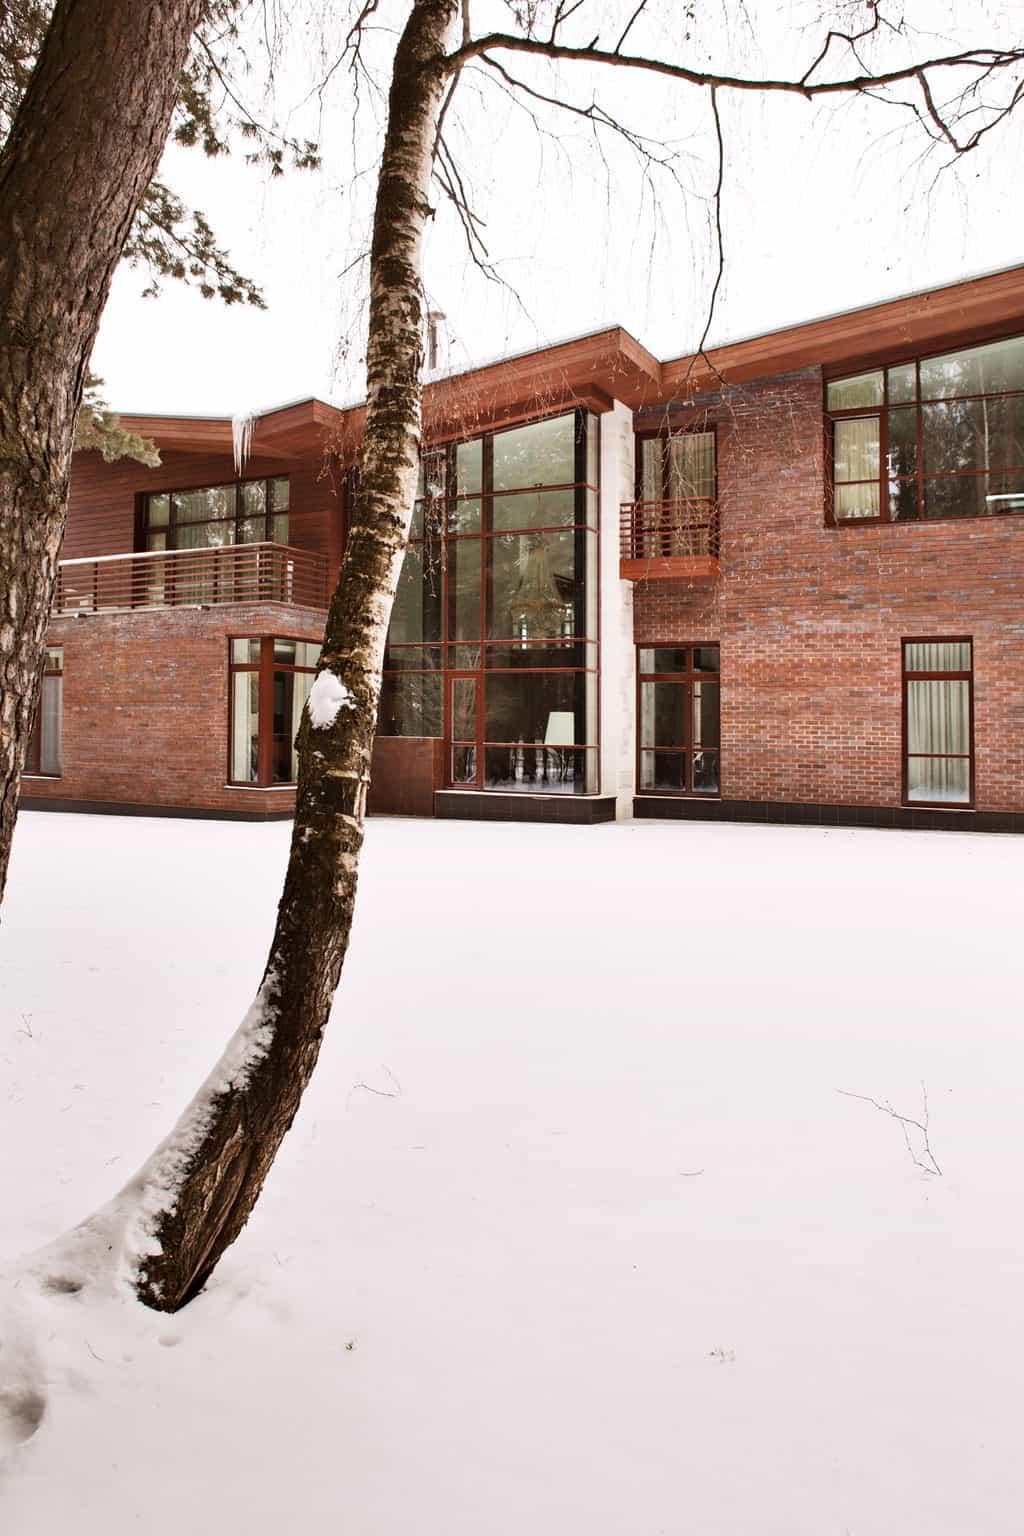 Ruben Dishdishyan House by Nicholas Lyzlov (2)